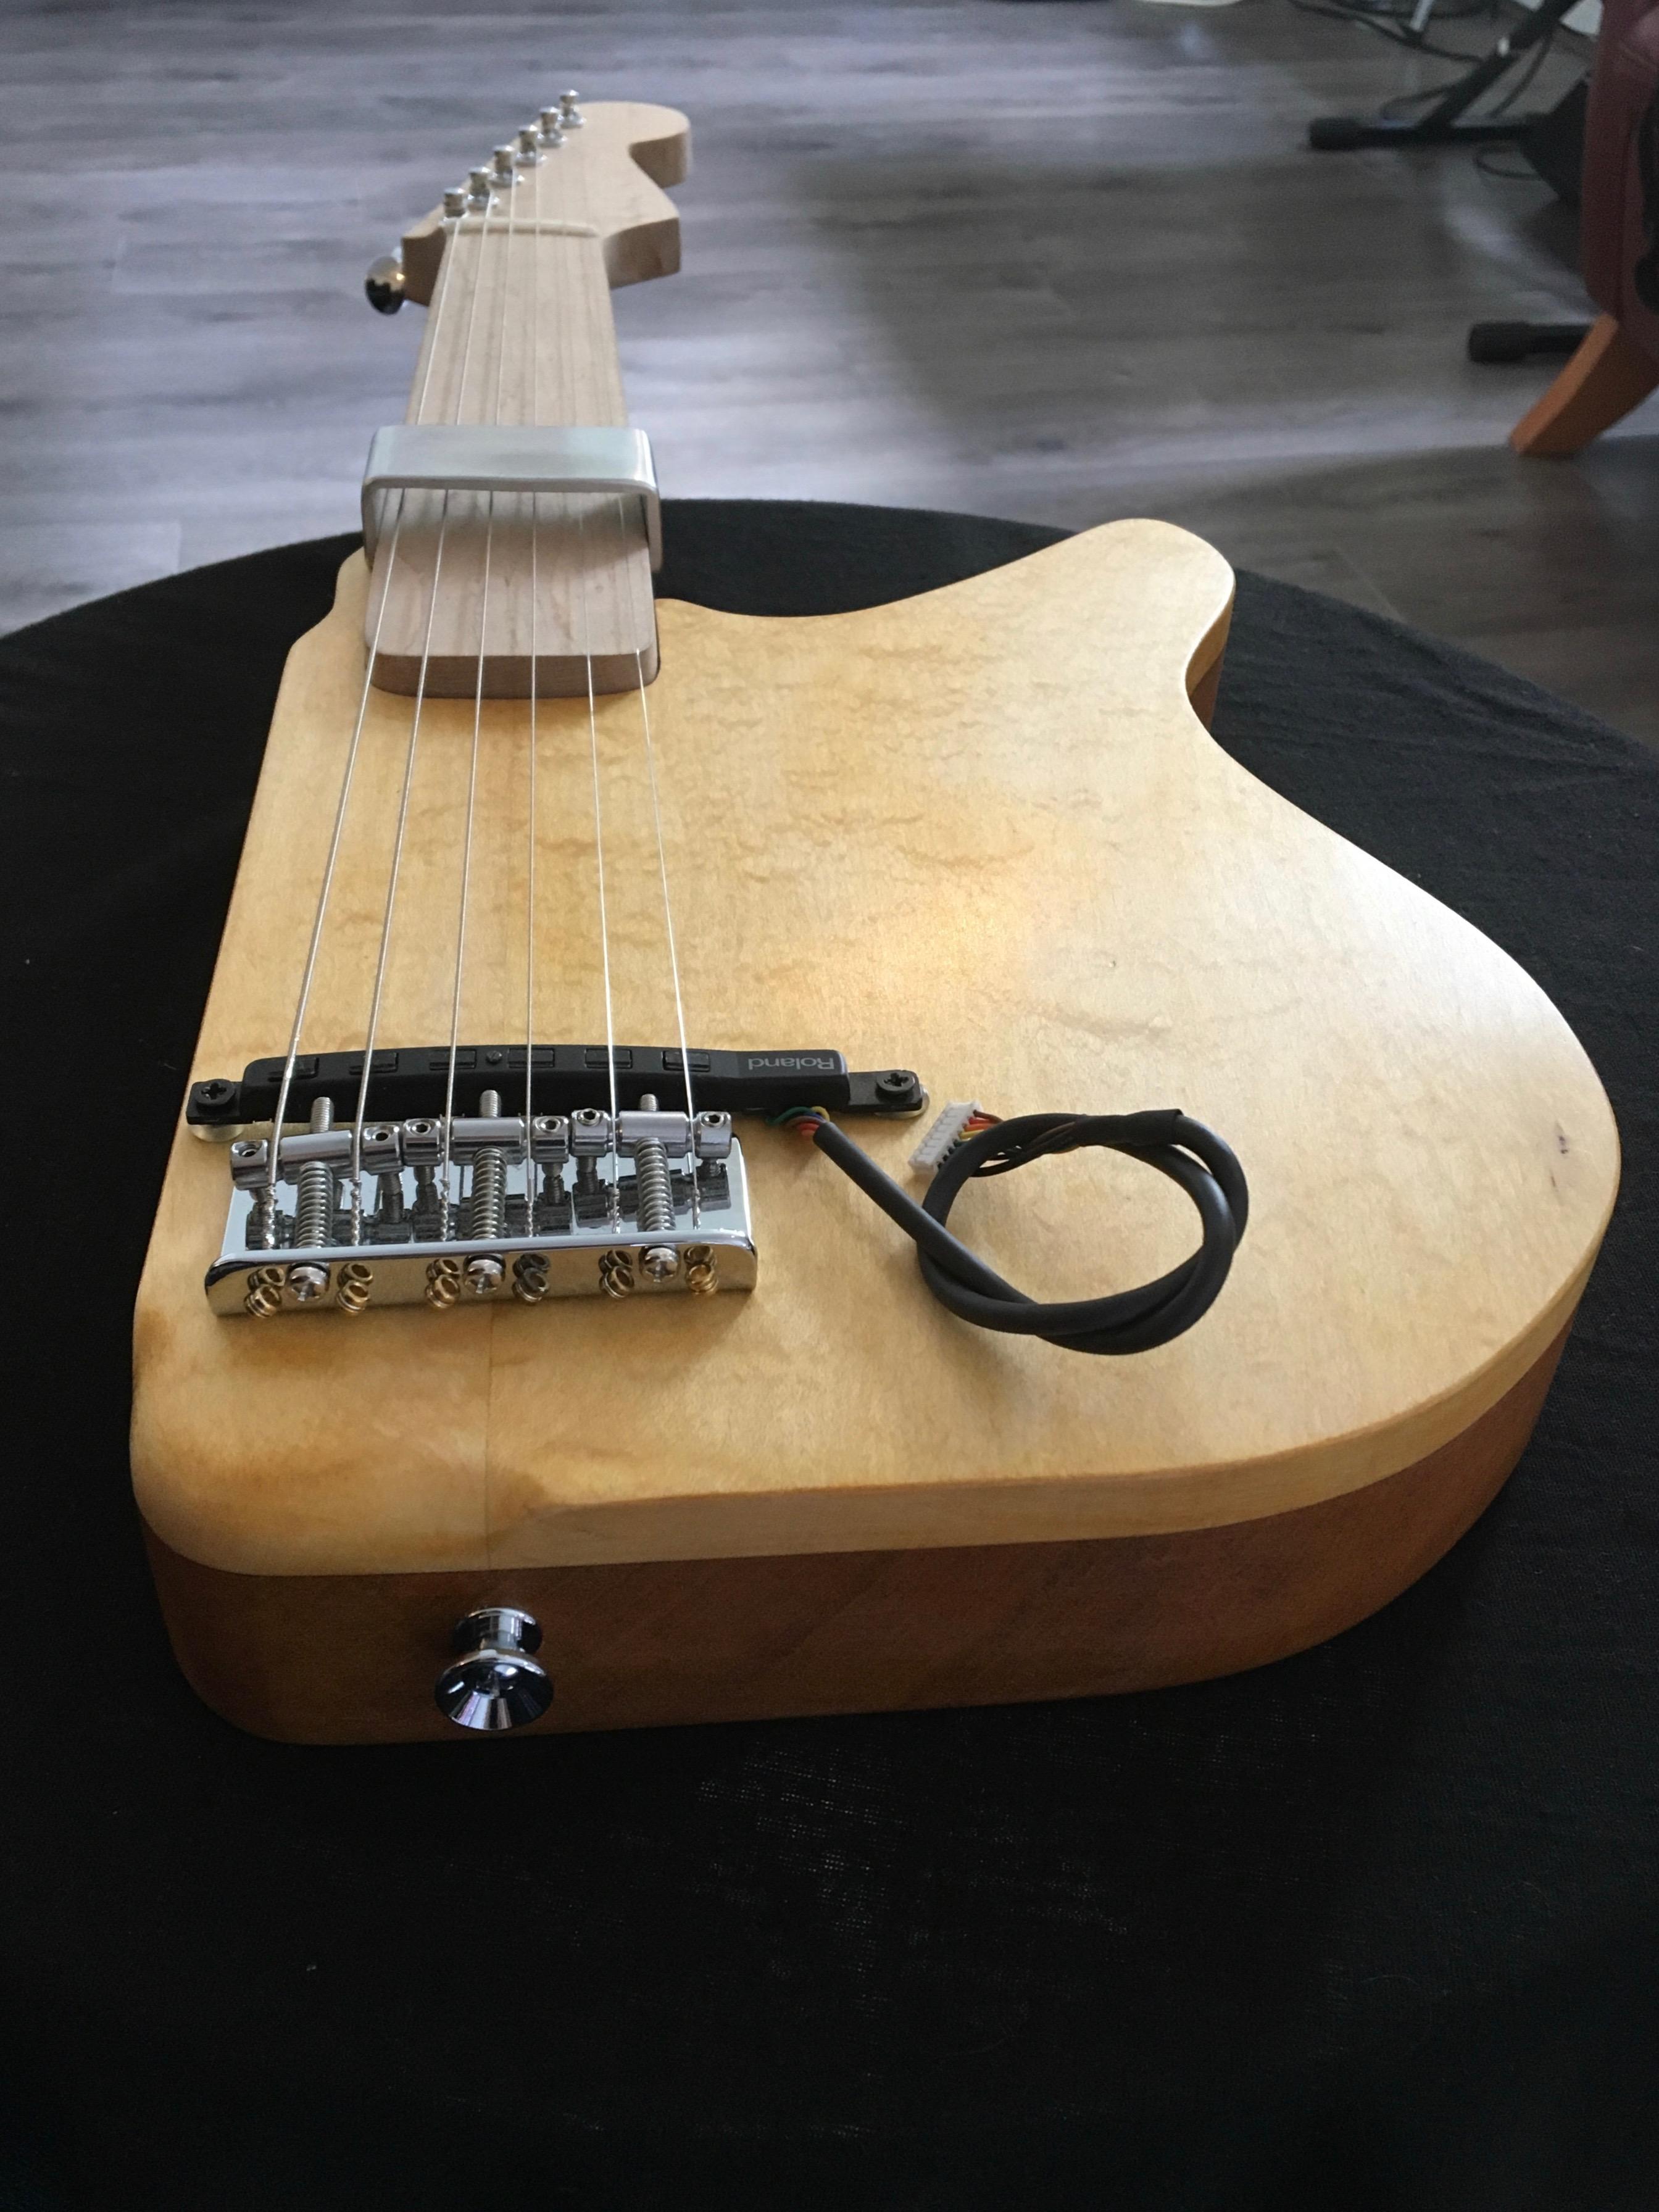 Der KellyCaster ist eine E-Gitarre mit einem adaptierten Schaft und einer ultrasensiblen Motorik. Die kleinste Berührung der Saiten reicht aus, um einen Ton zu erzeugen.